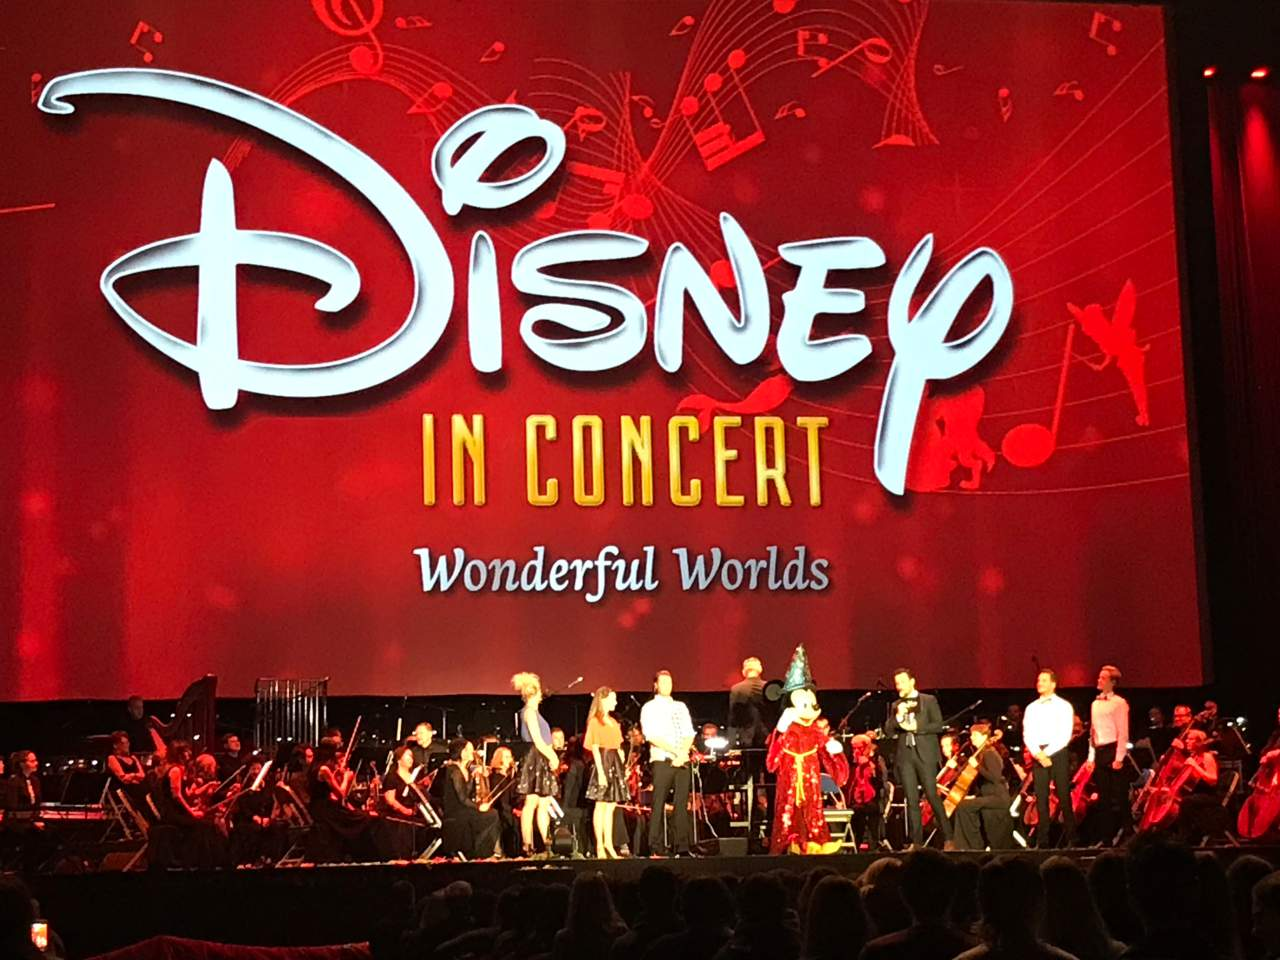 Disney in Concert 2018